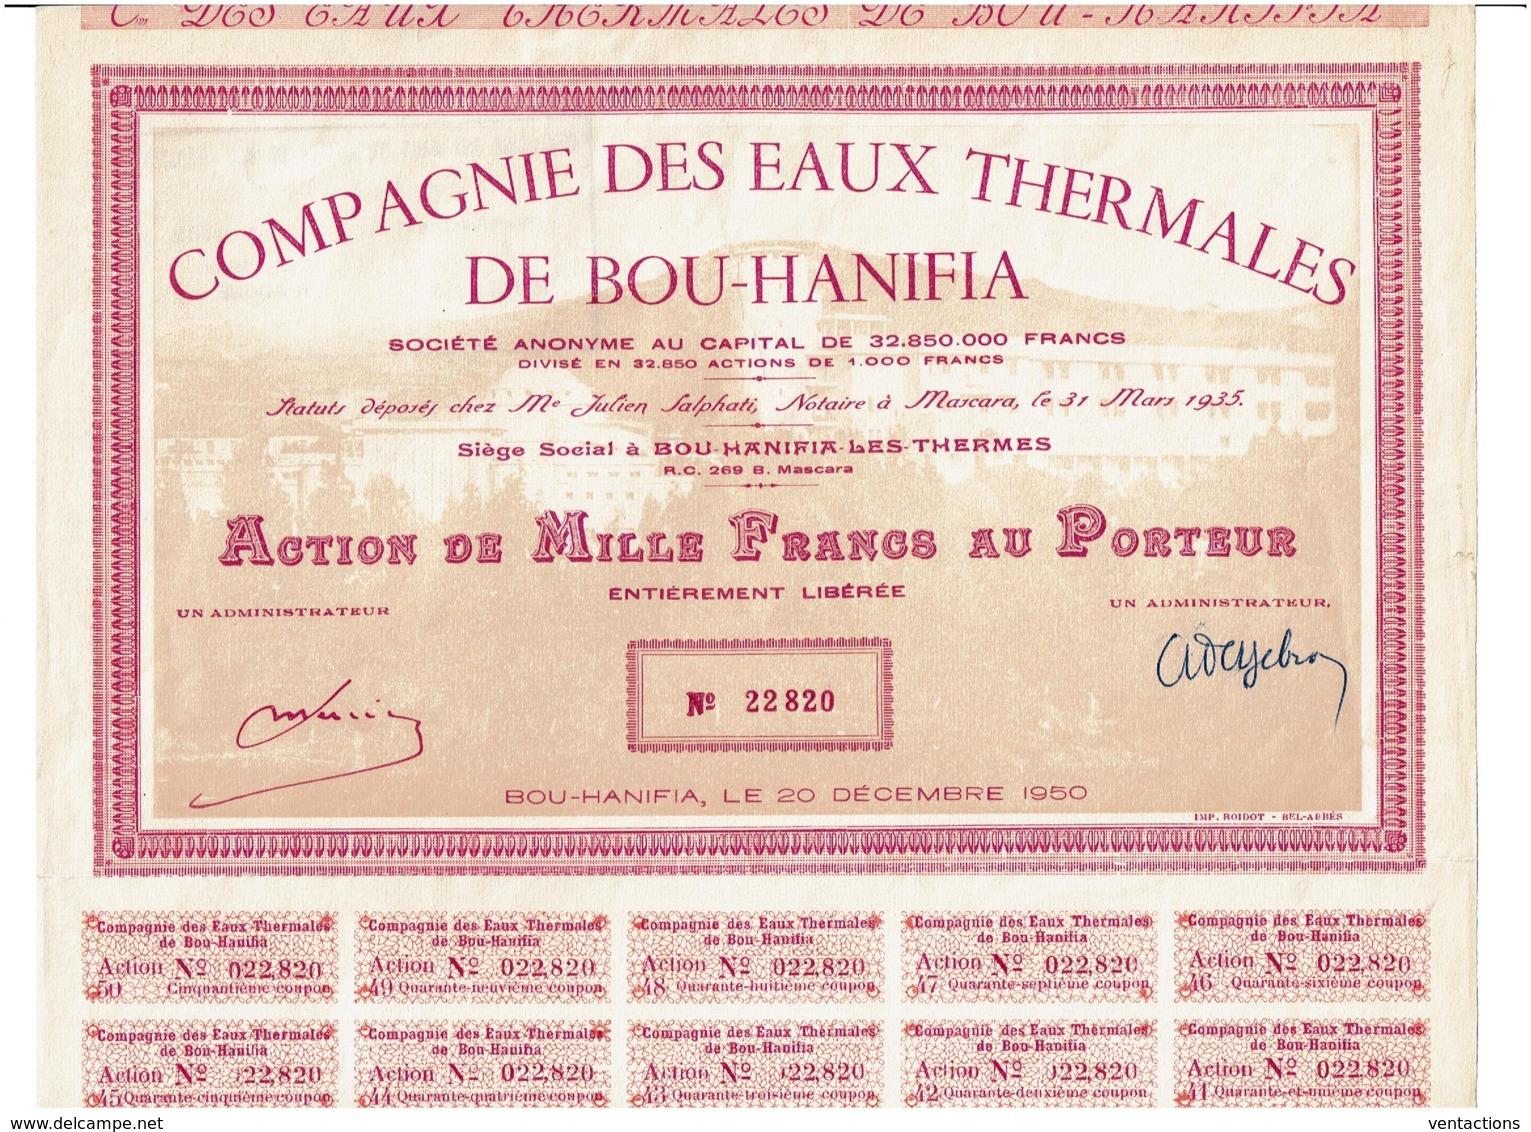 ALGERIE-EAUX THERMALES DE BOU-HANIFIA. DECO - Other